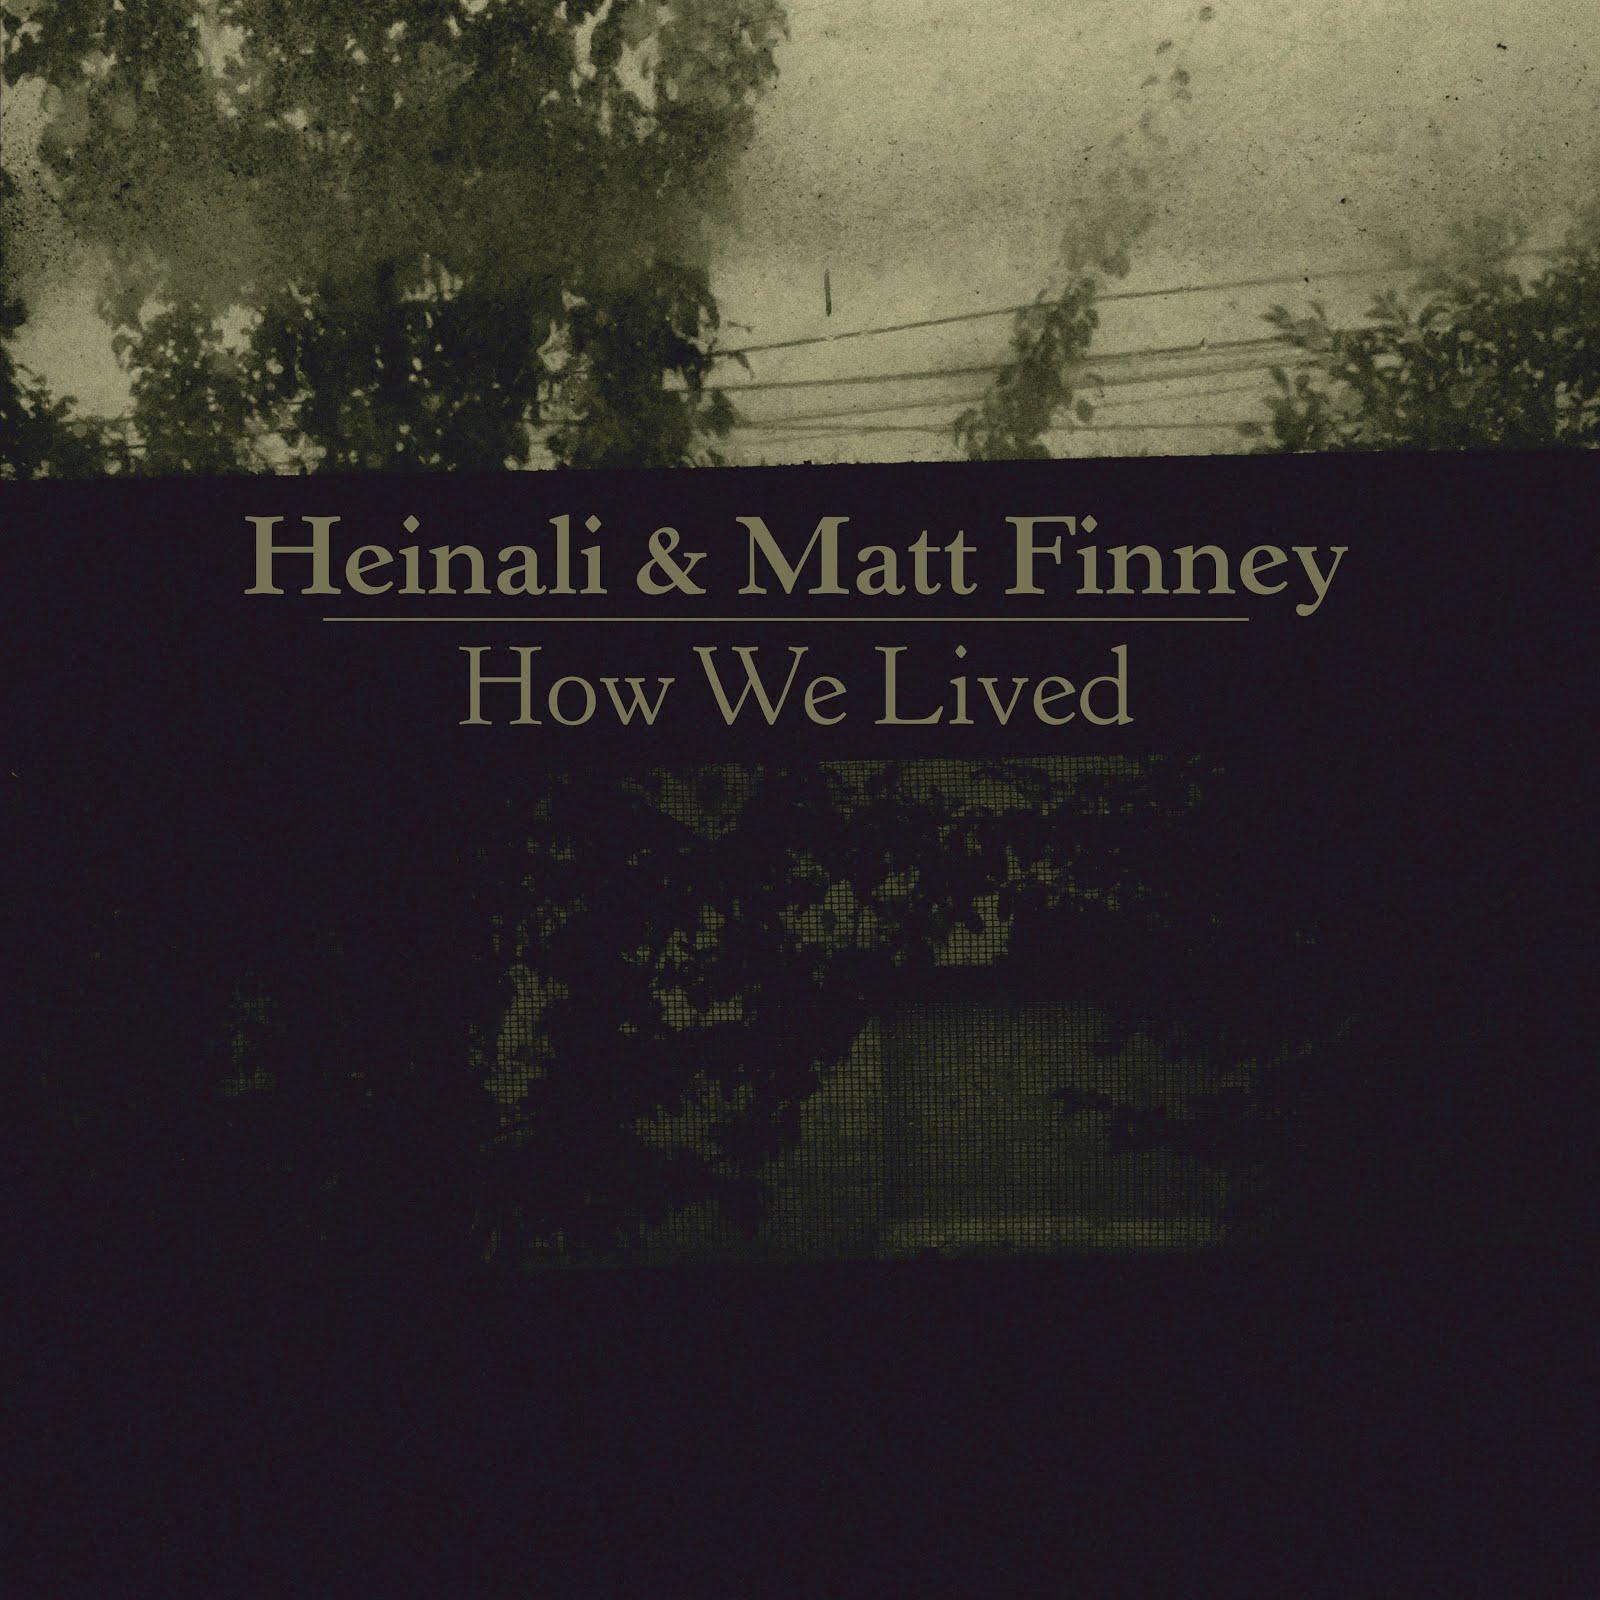 08  heinali and matt finney  u2013 how we lived transcendnoise  rh   transcendnoise blogspot